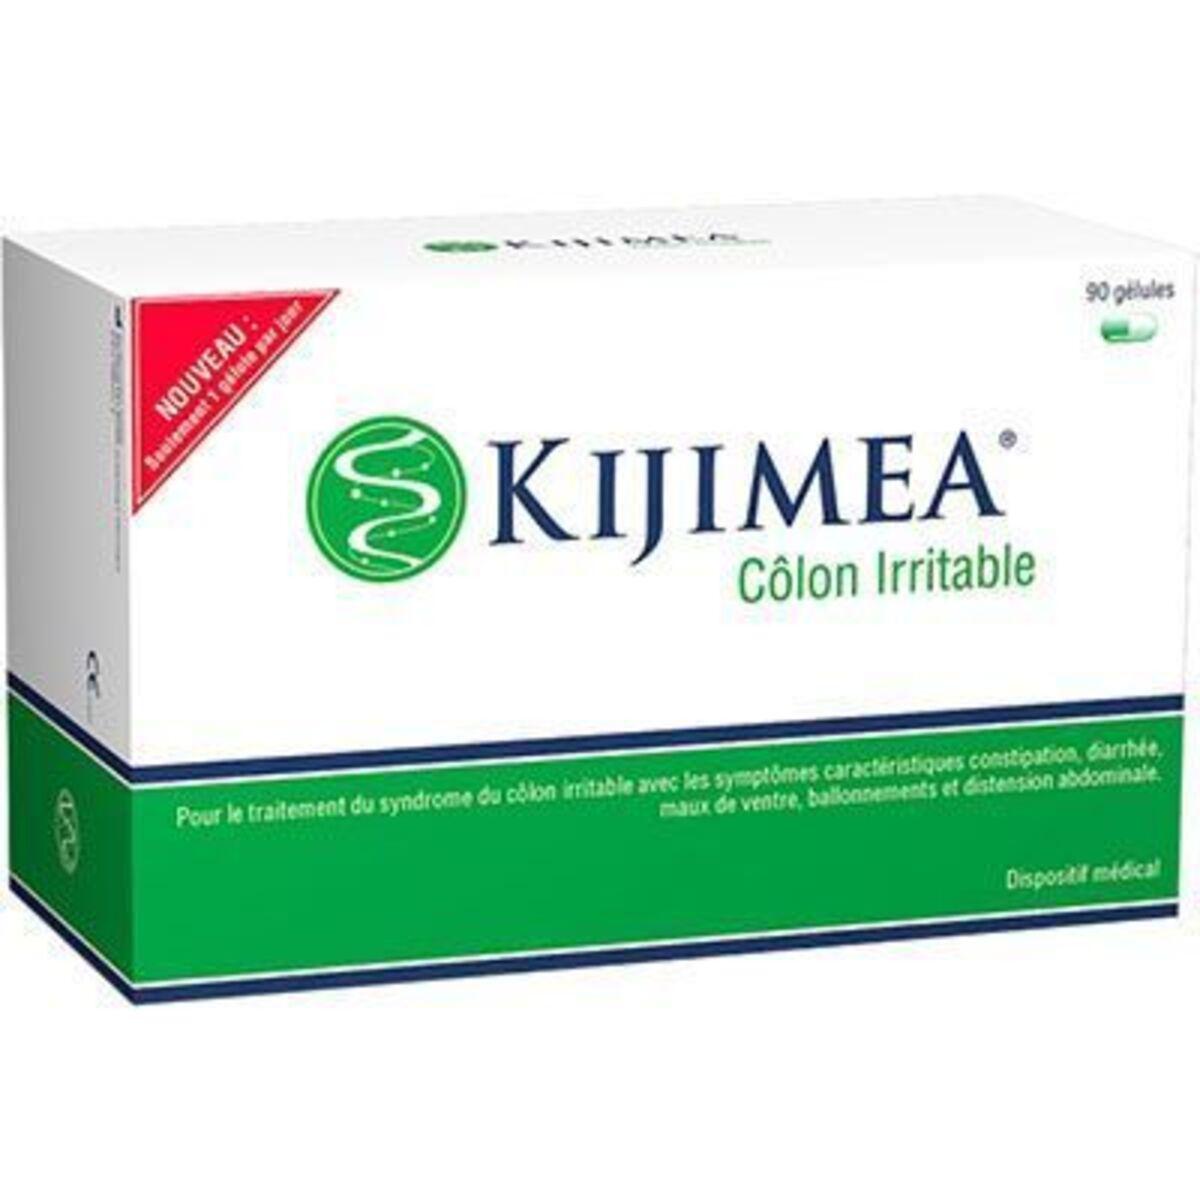 Côlon irritable 90 gélules - kijimea - Achat au meilleur ...